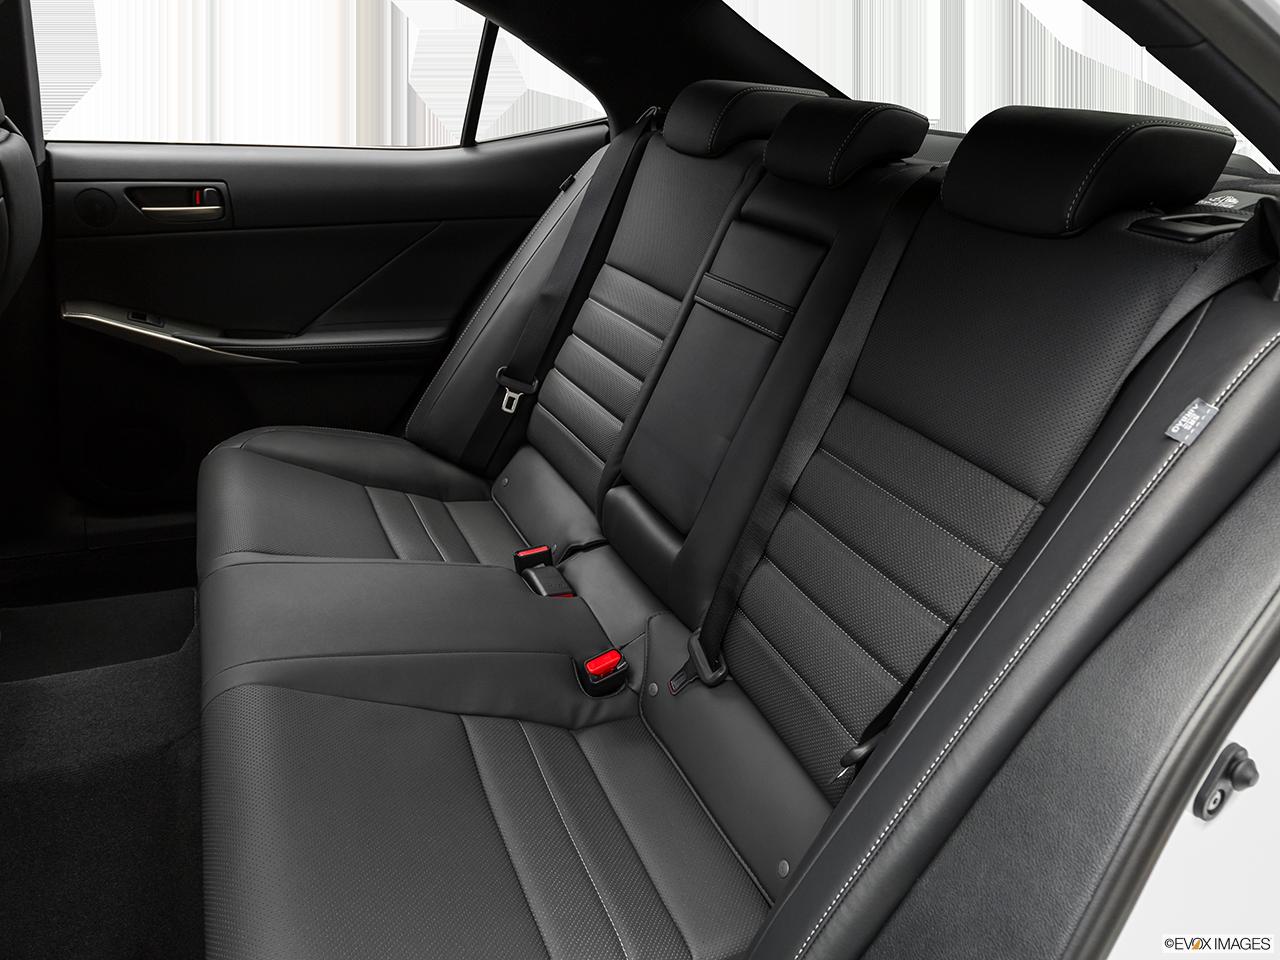 2019 Lexus IS 350 photo